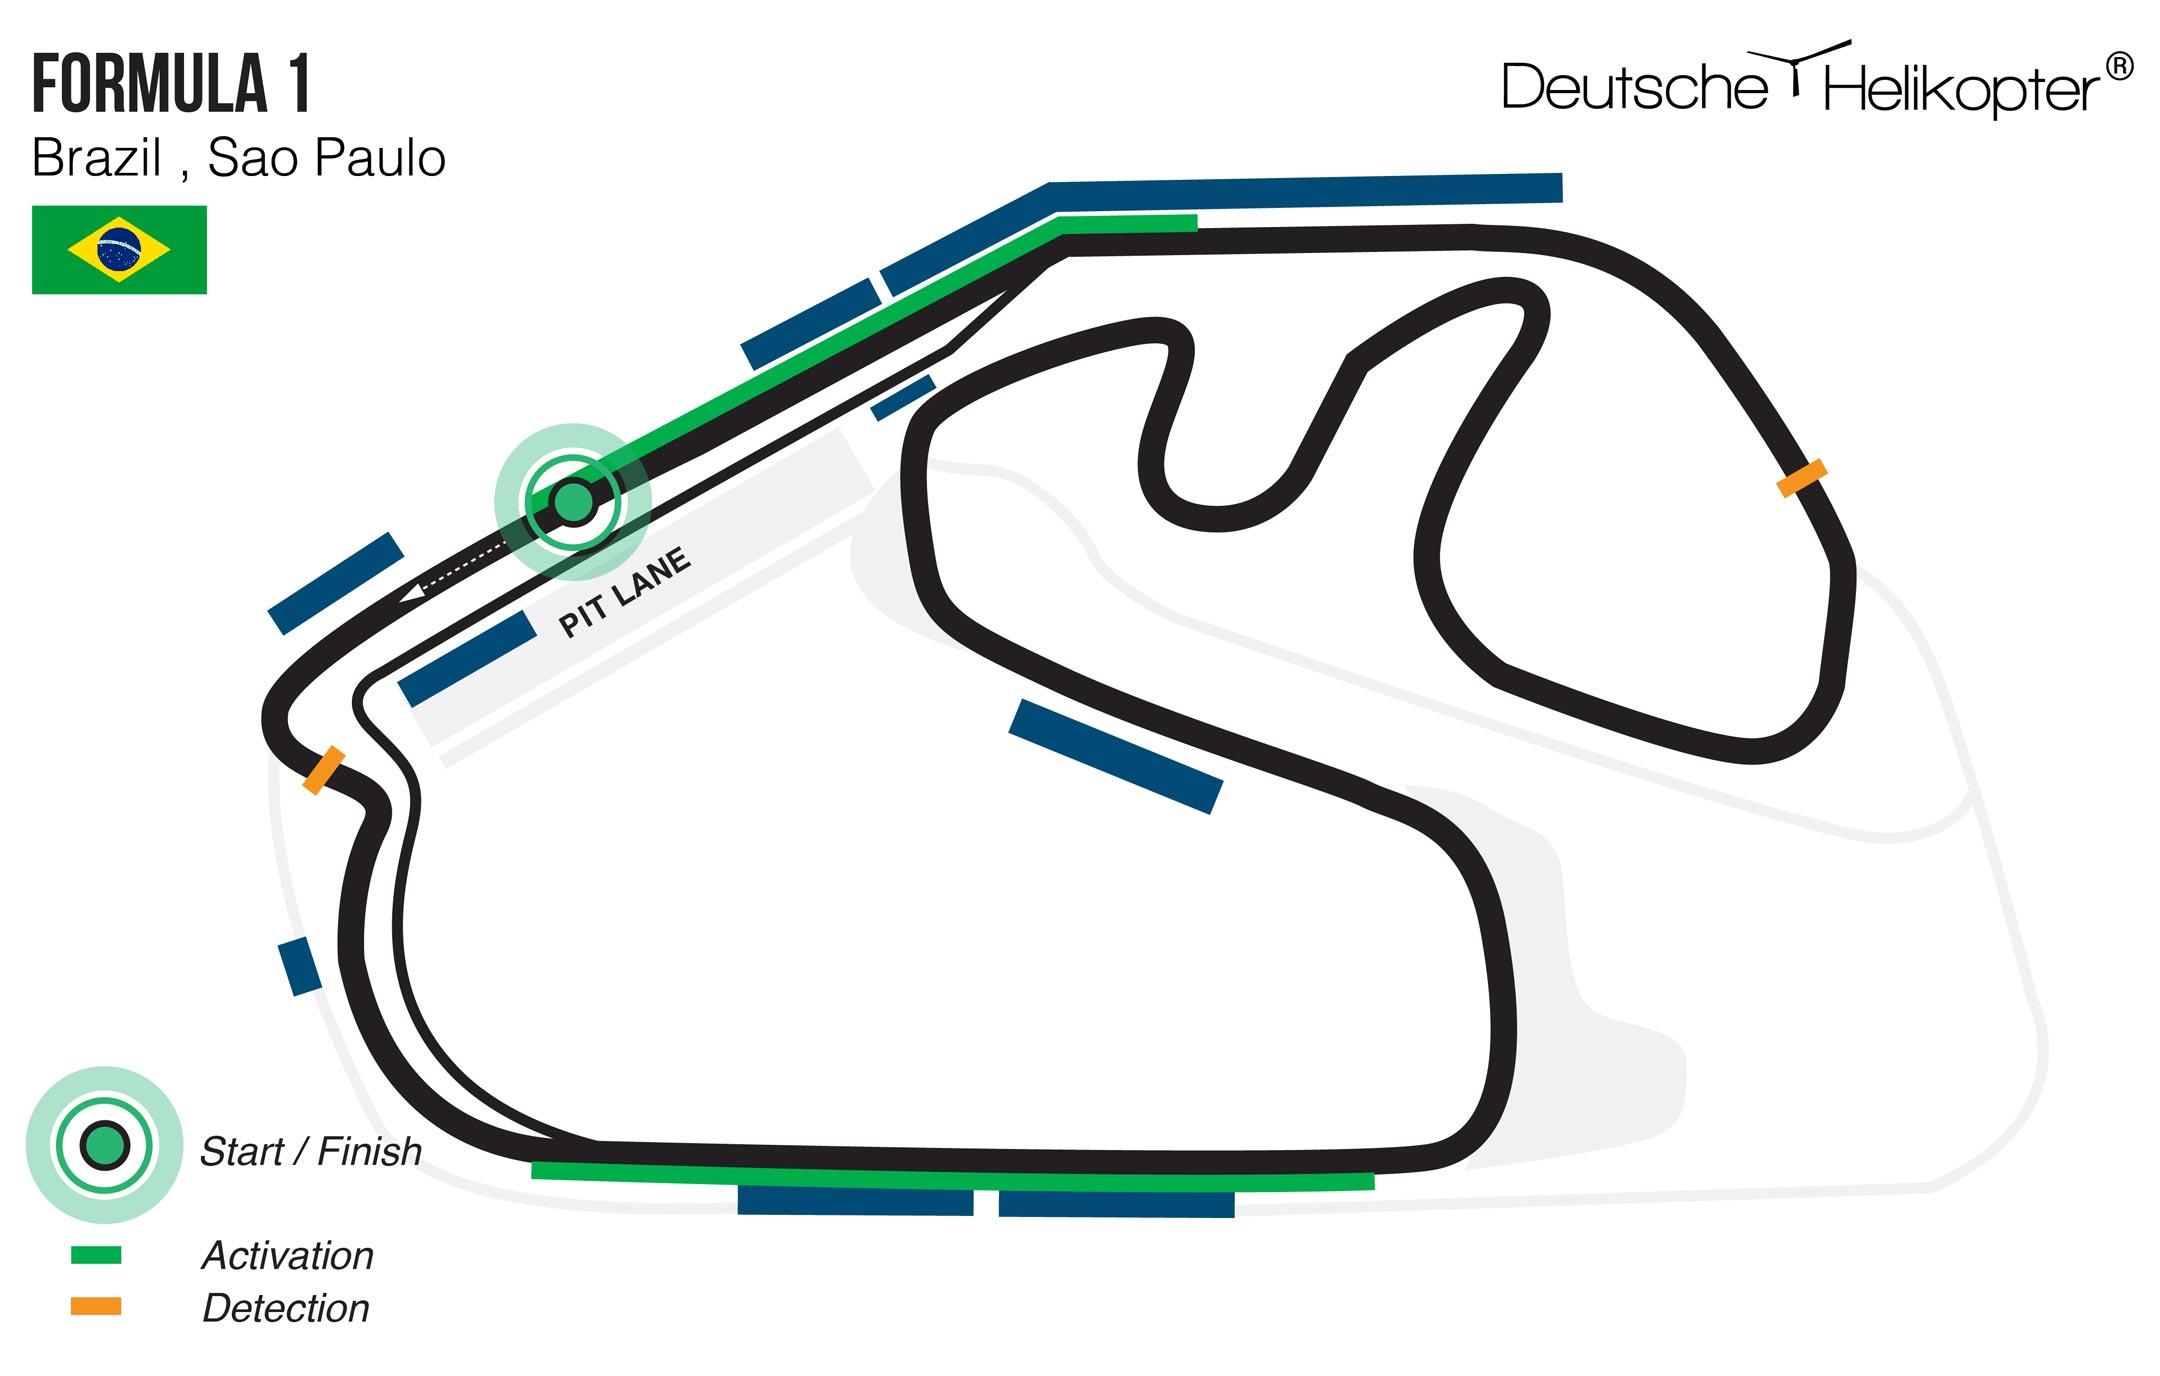 Großer Preis von Brasilien - Autodromo Jose Carlos Pace